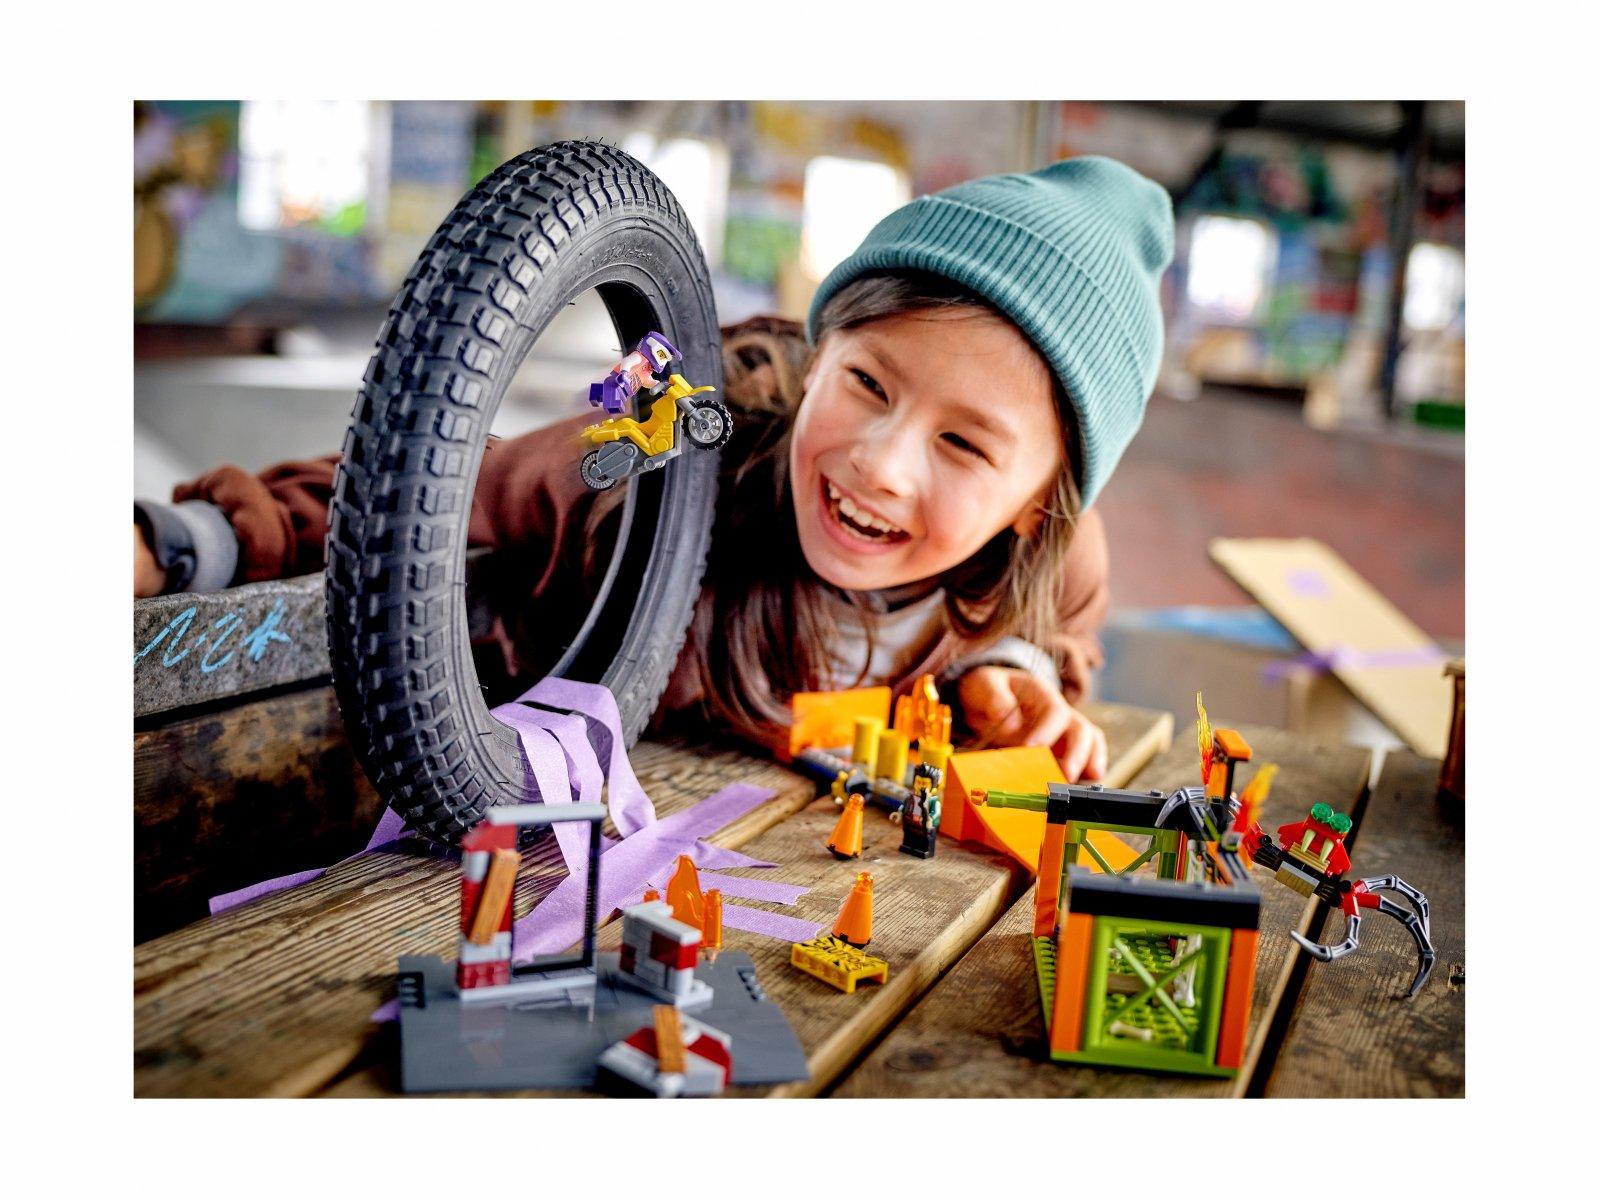 LEGO 60293 City Park kaskaderski